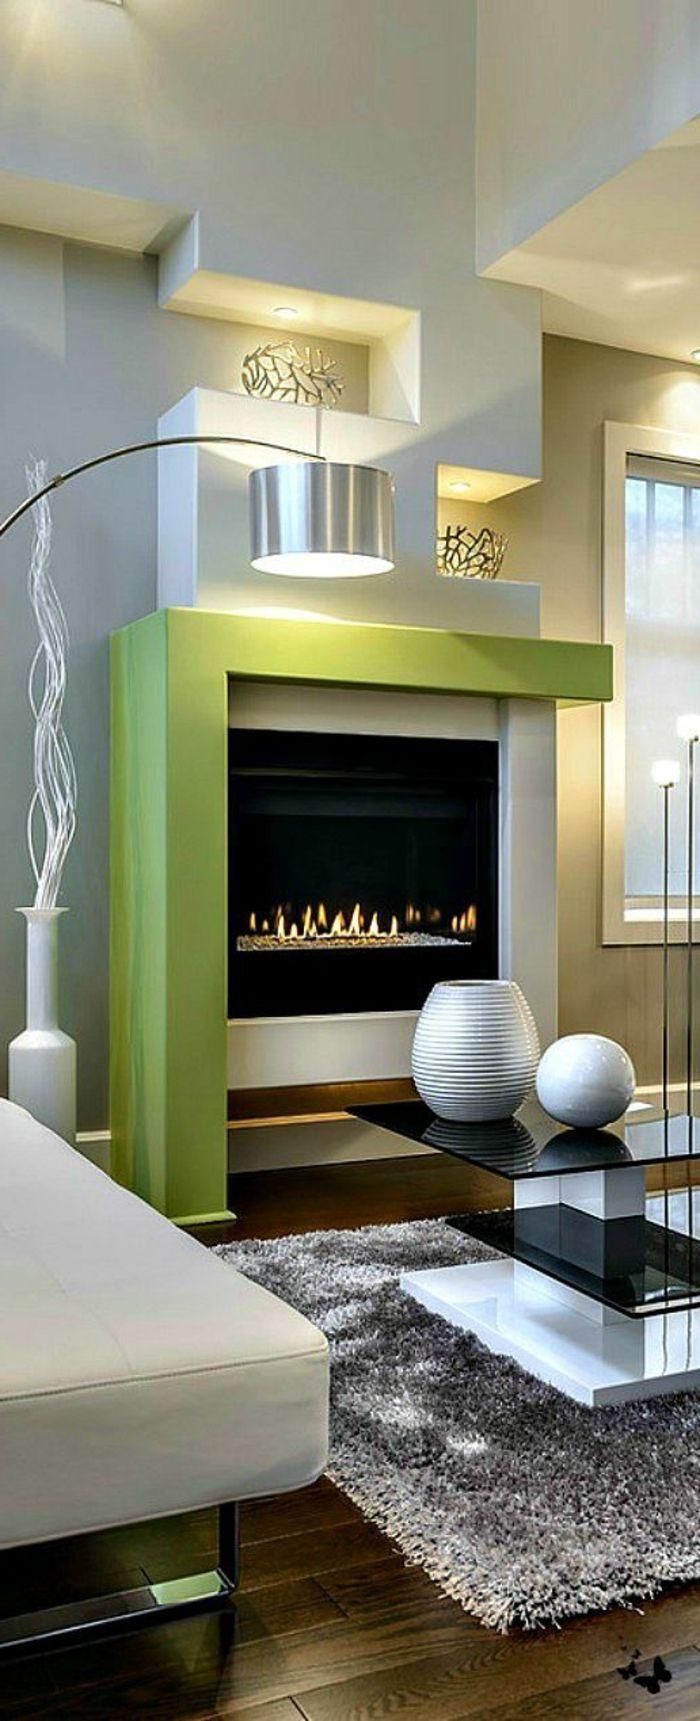 Kamin Design Wohnzimmer Grauer Teppich Grne Akzente Geometrischer Kaminzins